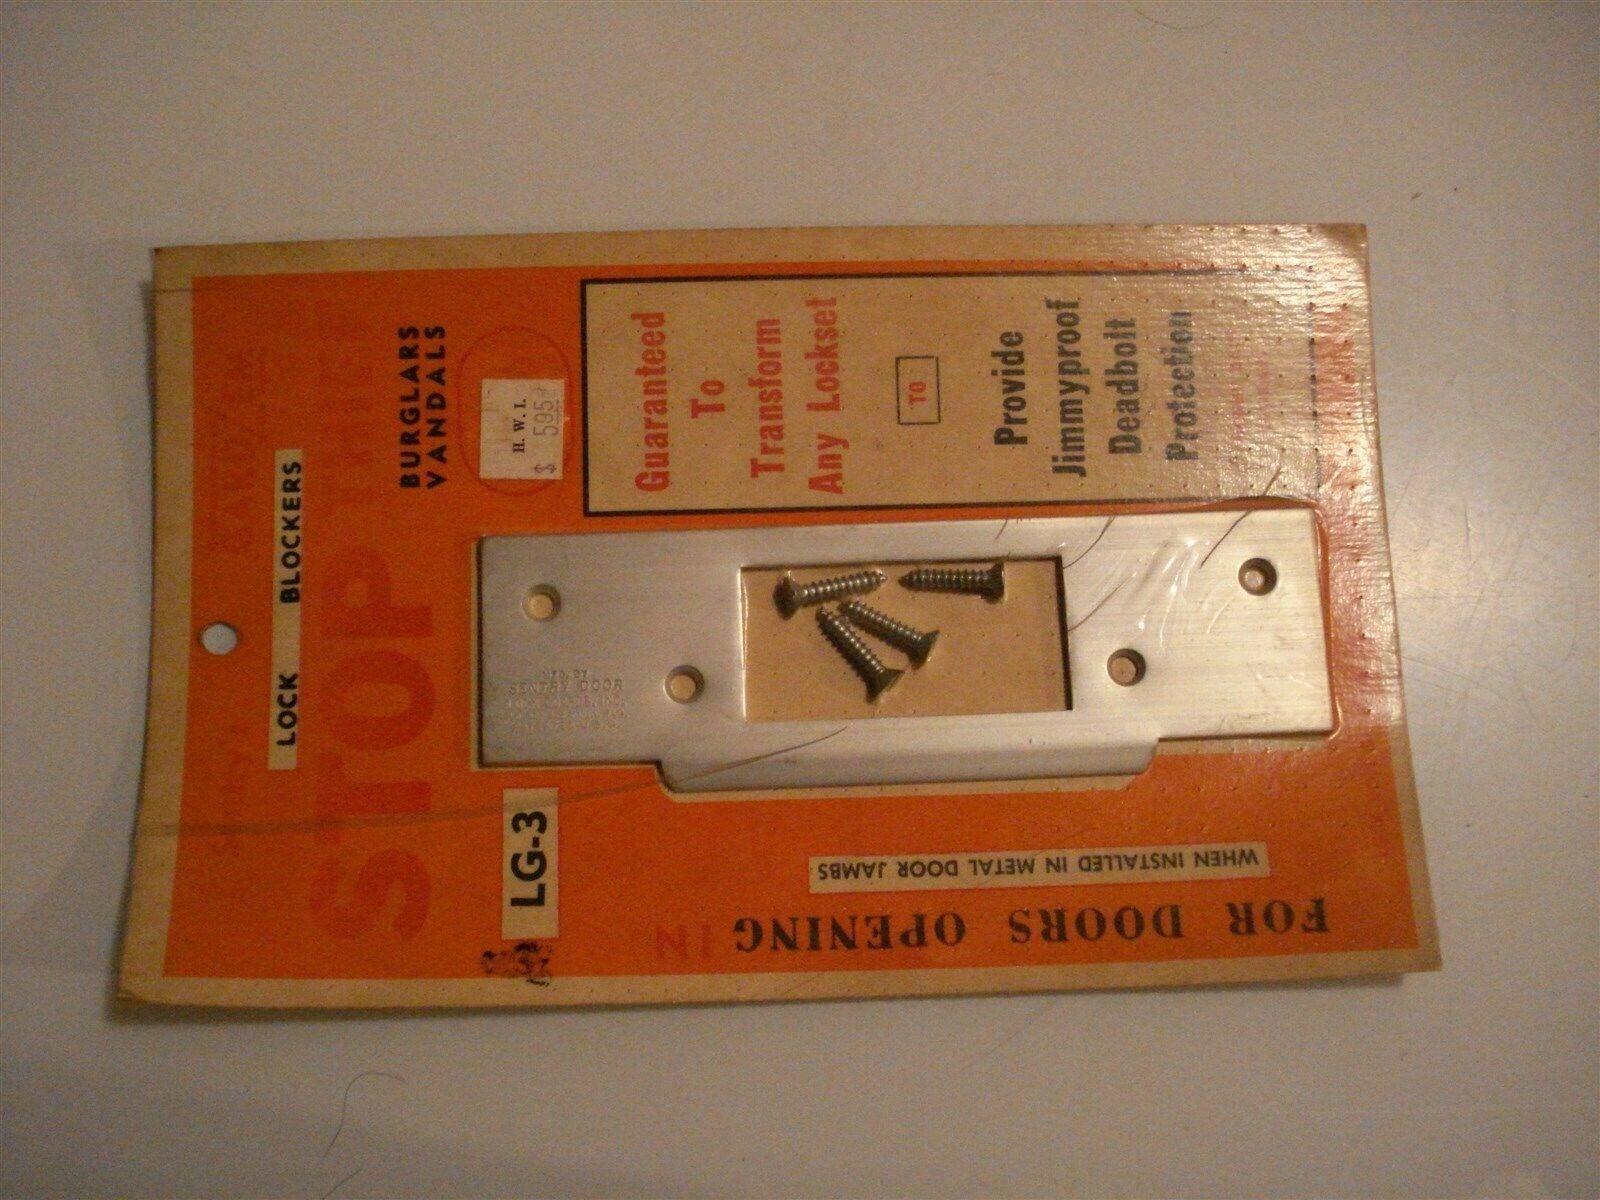 Lock Guard 2531. Lock Blocker